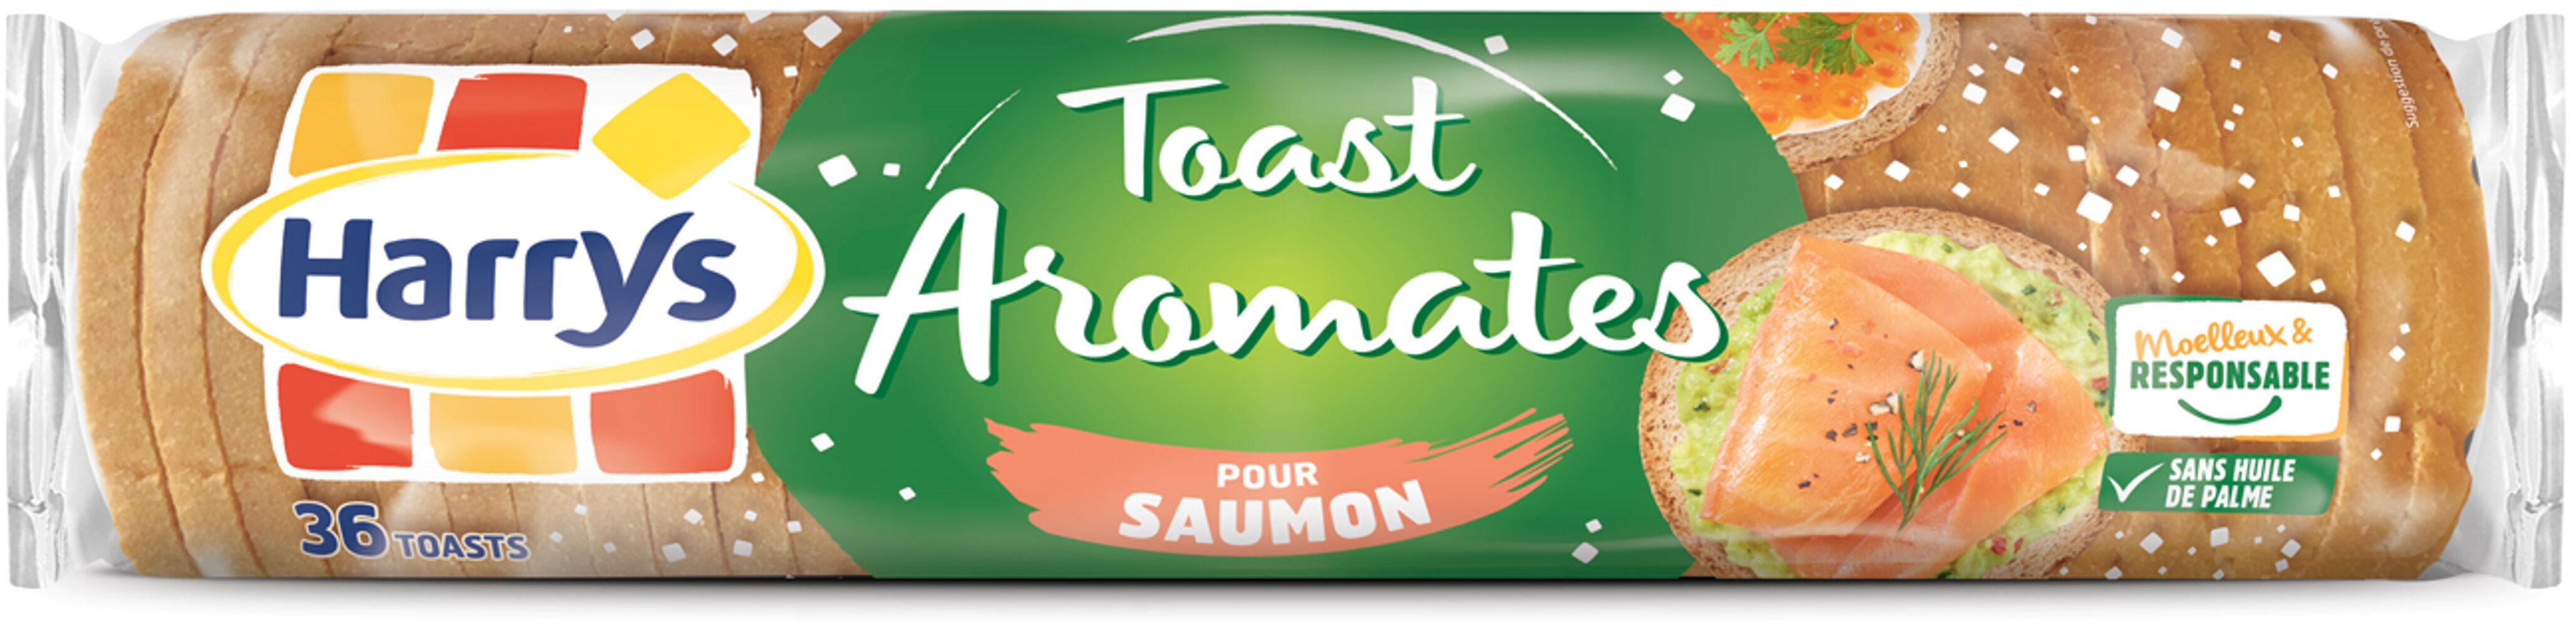 Toast saumon 280g - Prodotto - fr